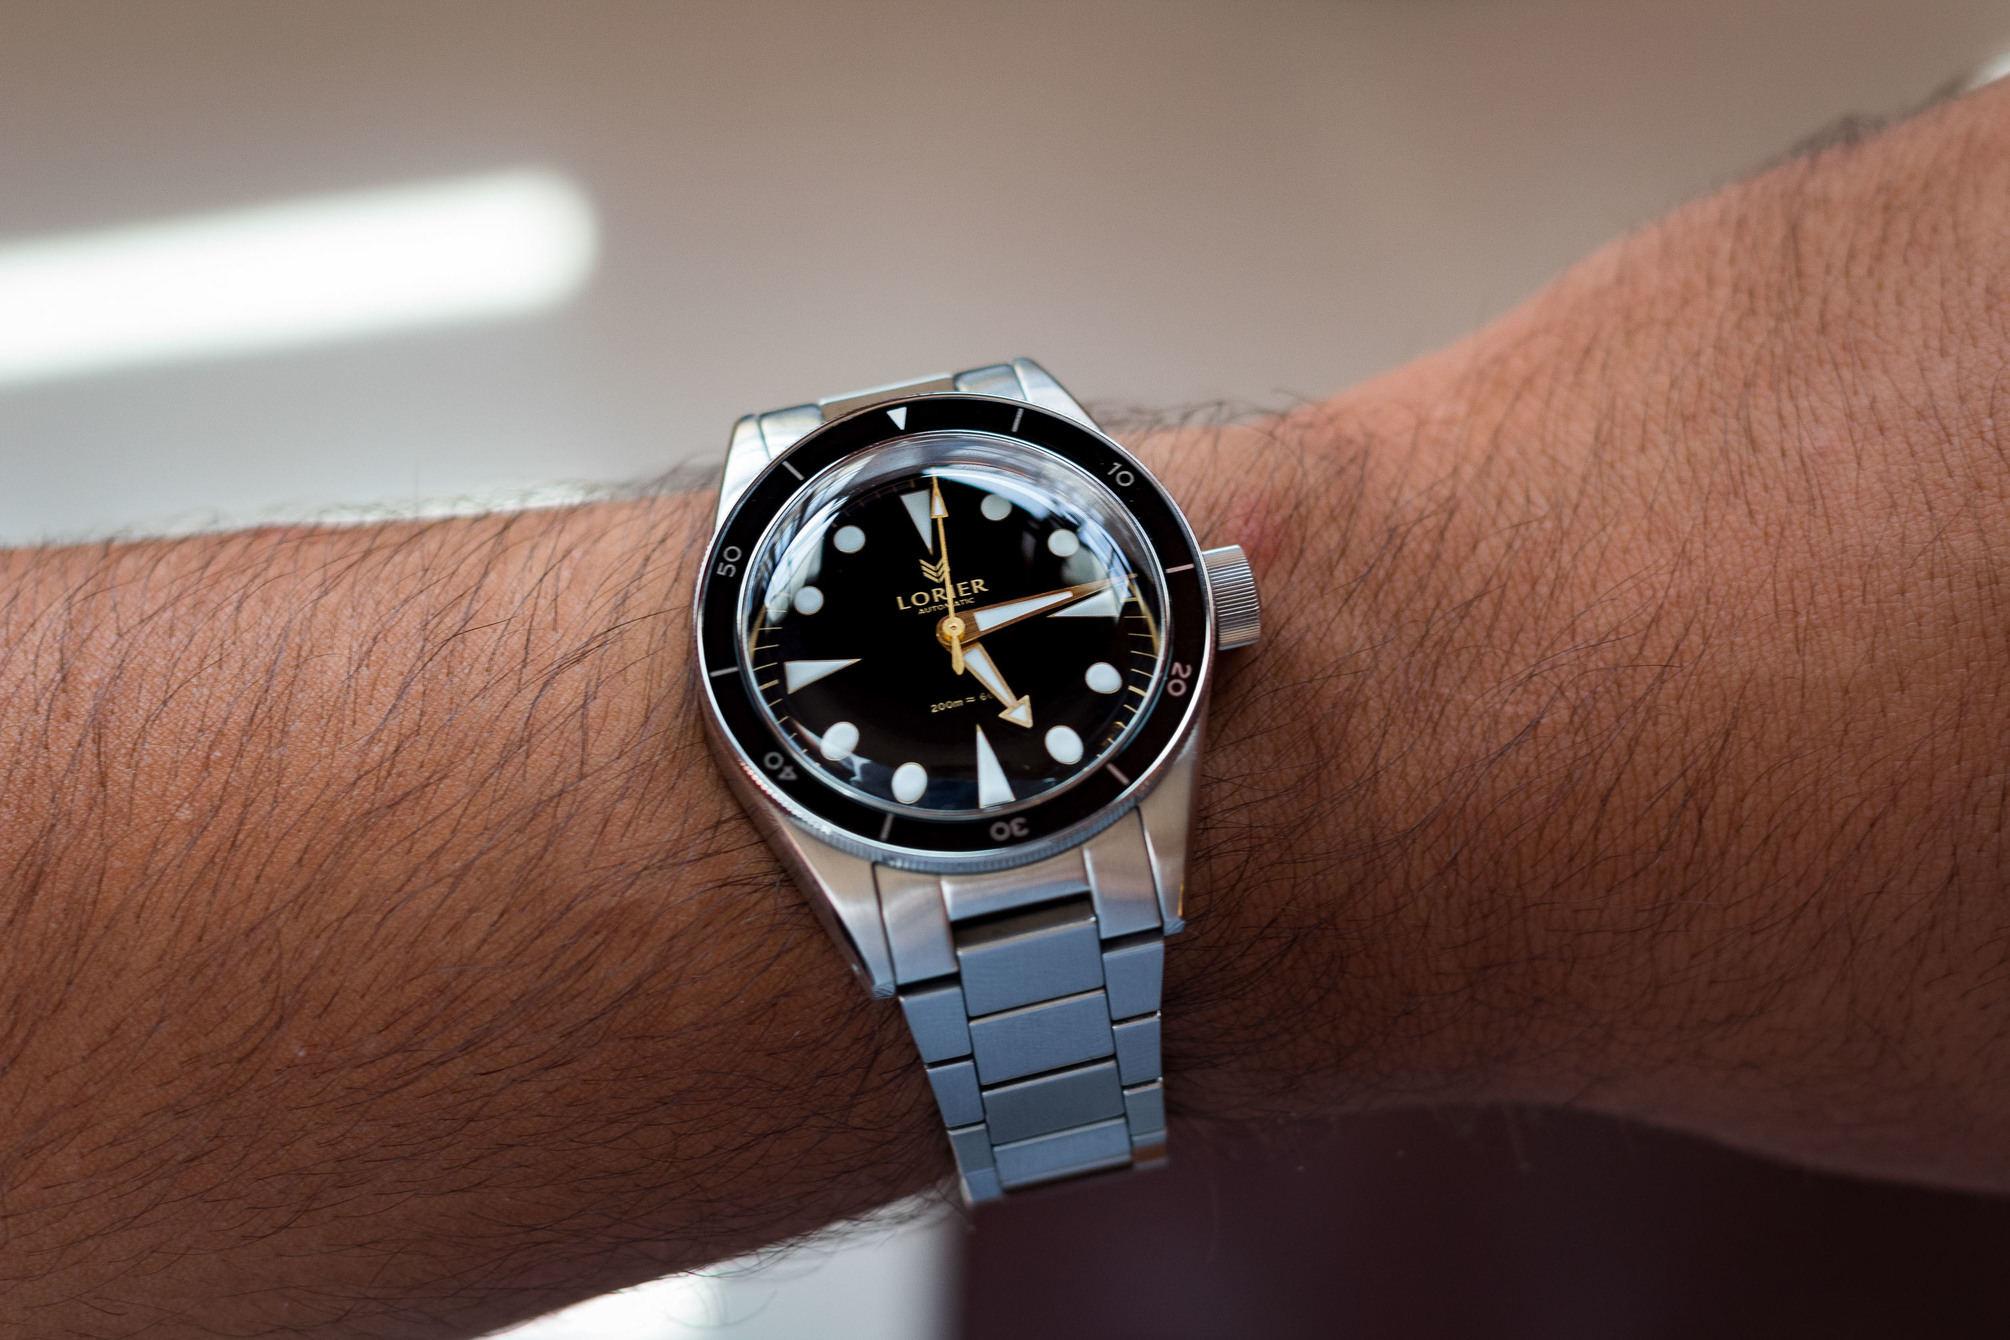 Neptune Series II on wrist